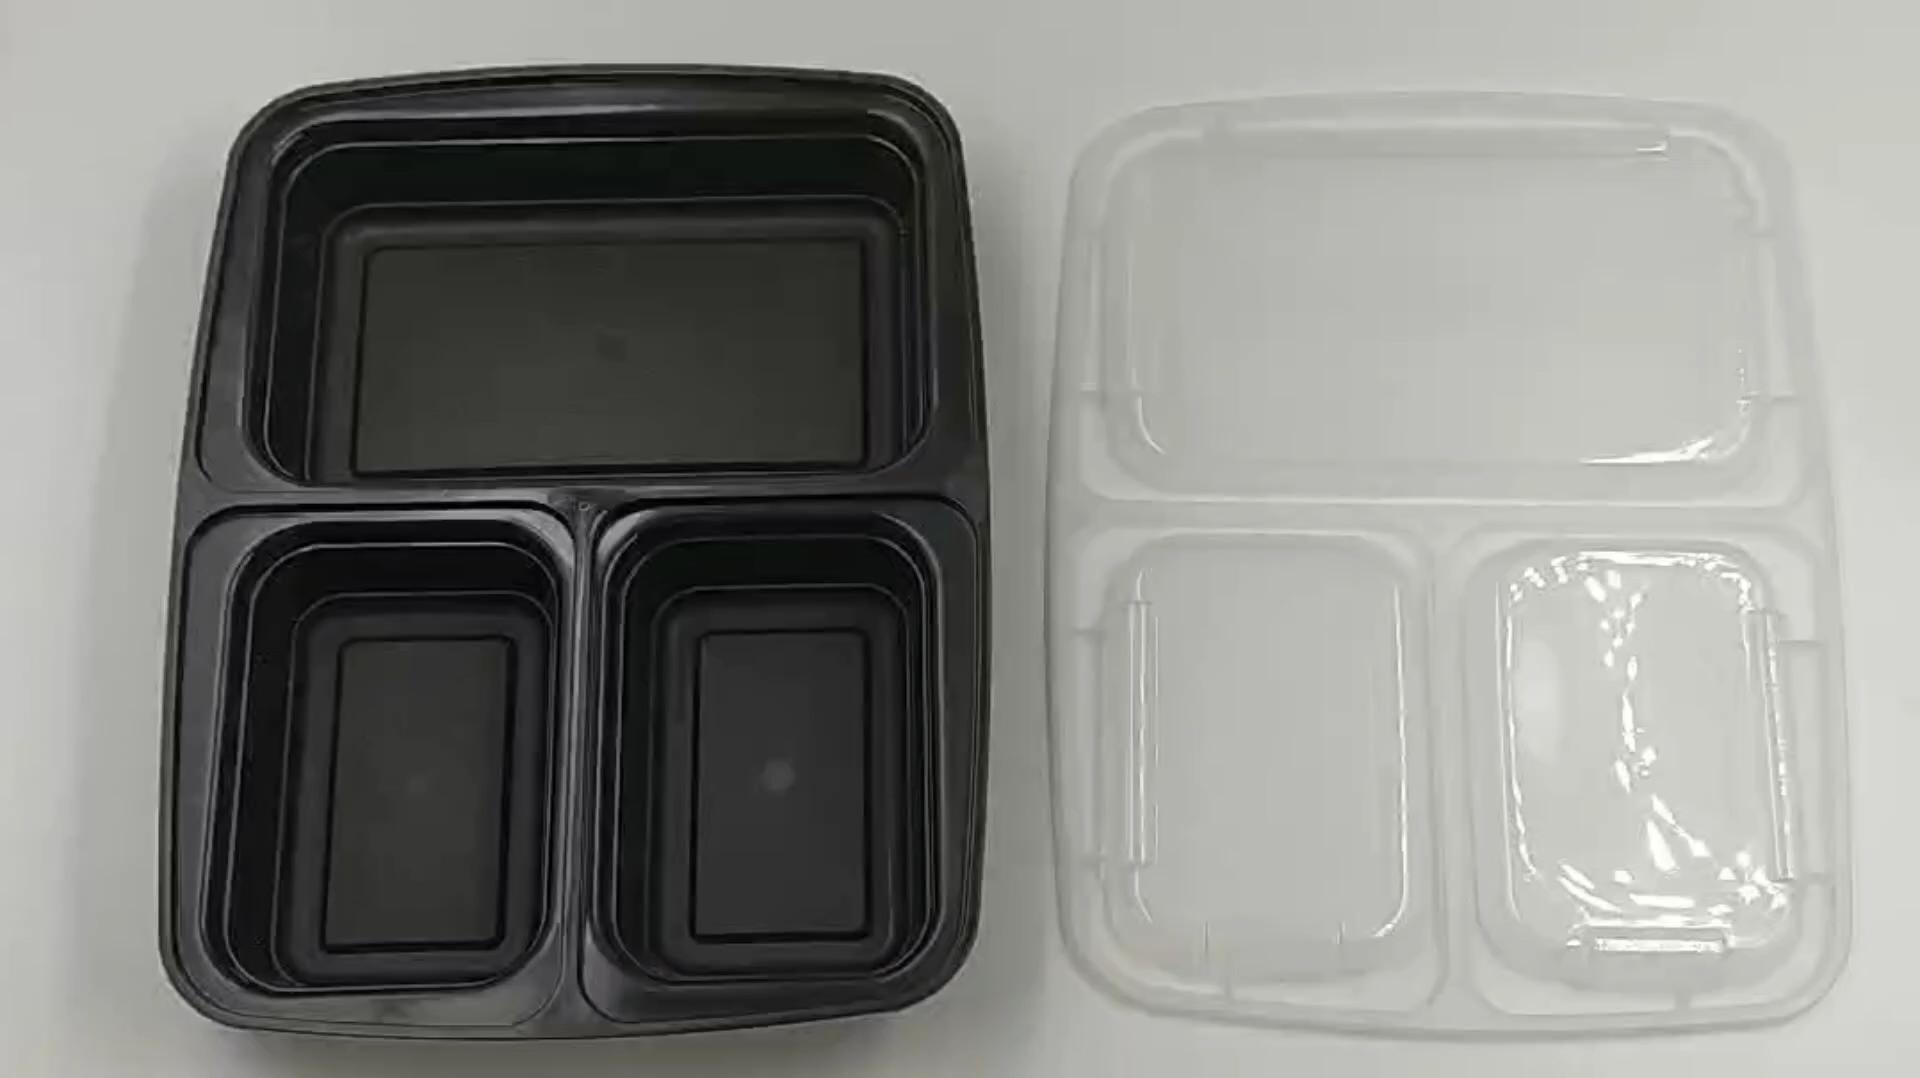 Не содержит Бисфенол А 3 отсек крышки пищевых контейнеров Органайзер одноразовые от боли в спине, пищевой контейнер с крышкой для пищевых продуктов